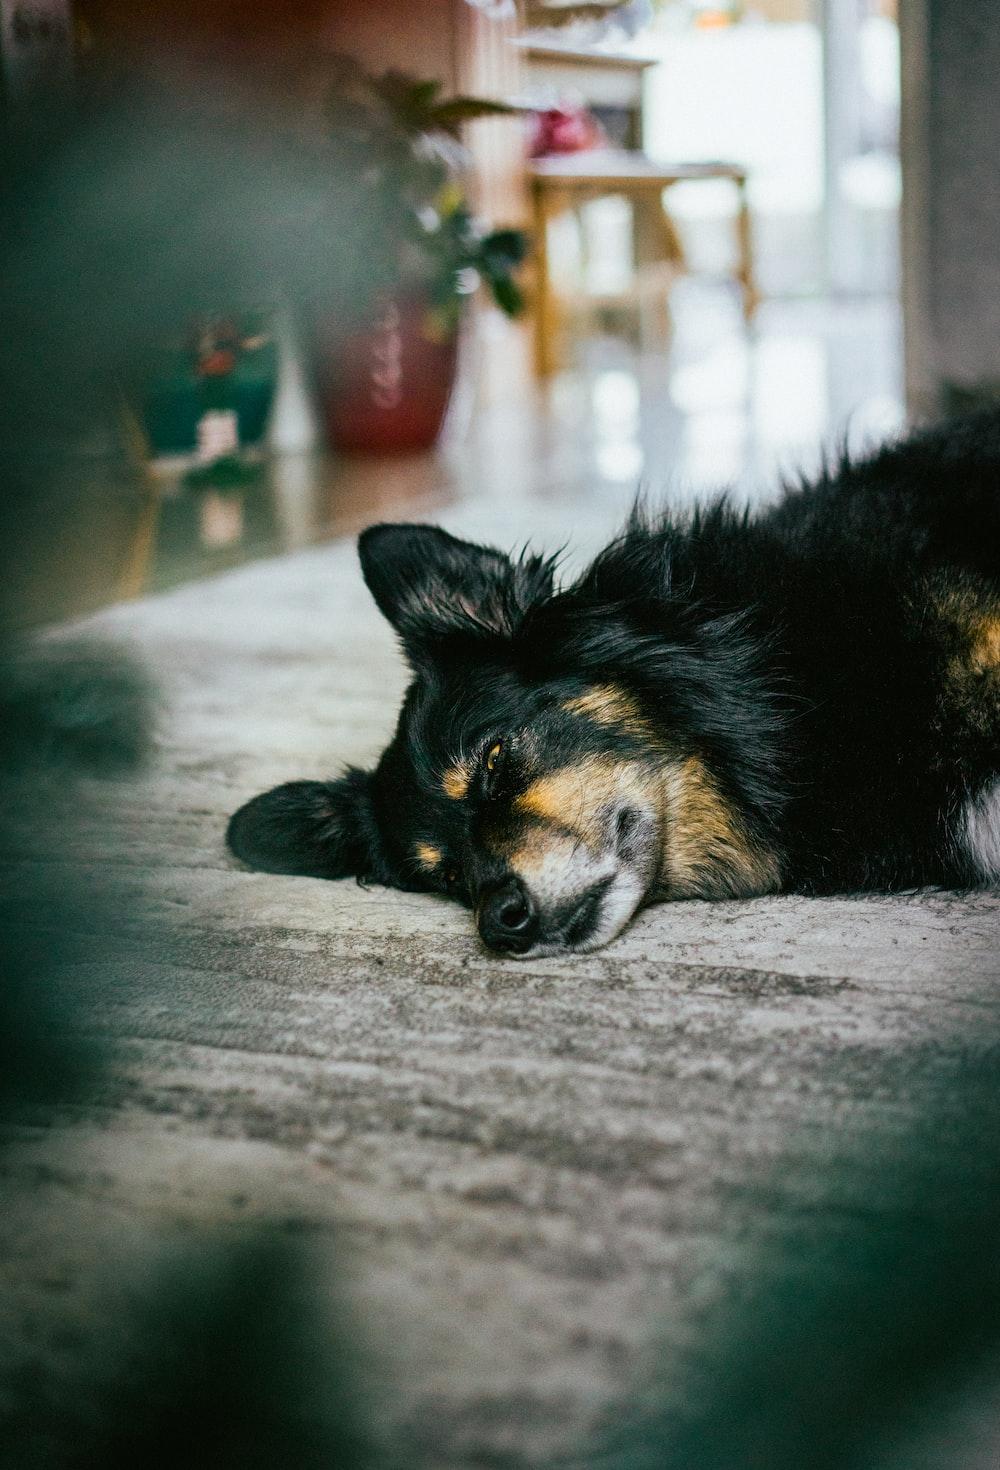 black and tan short coat medium sized dog lying on floor